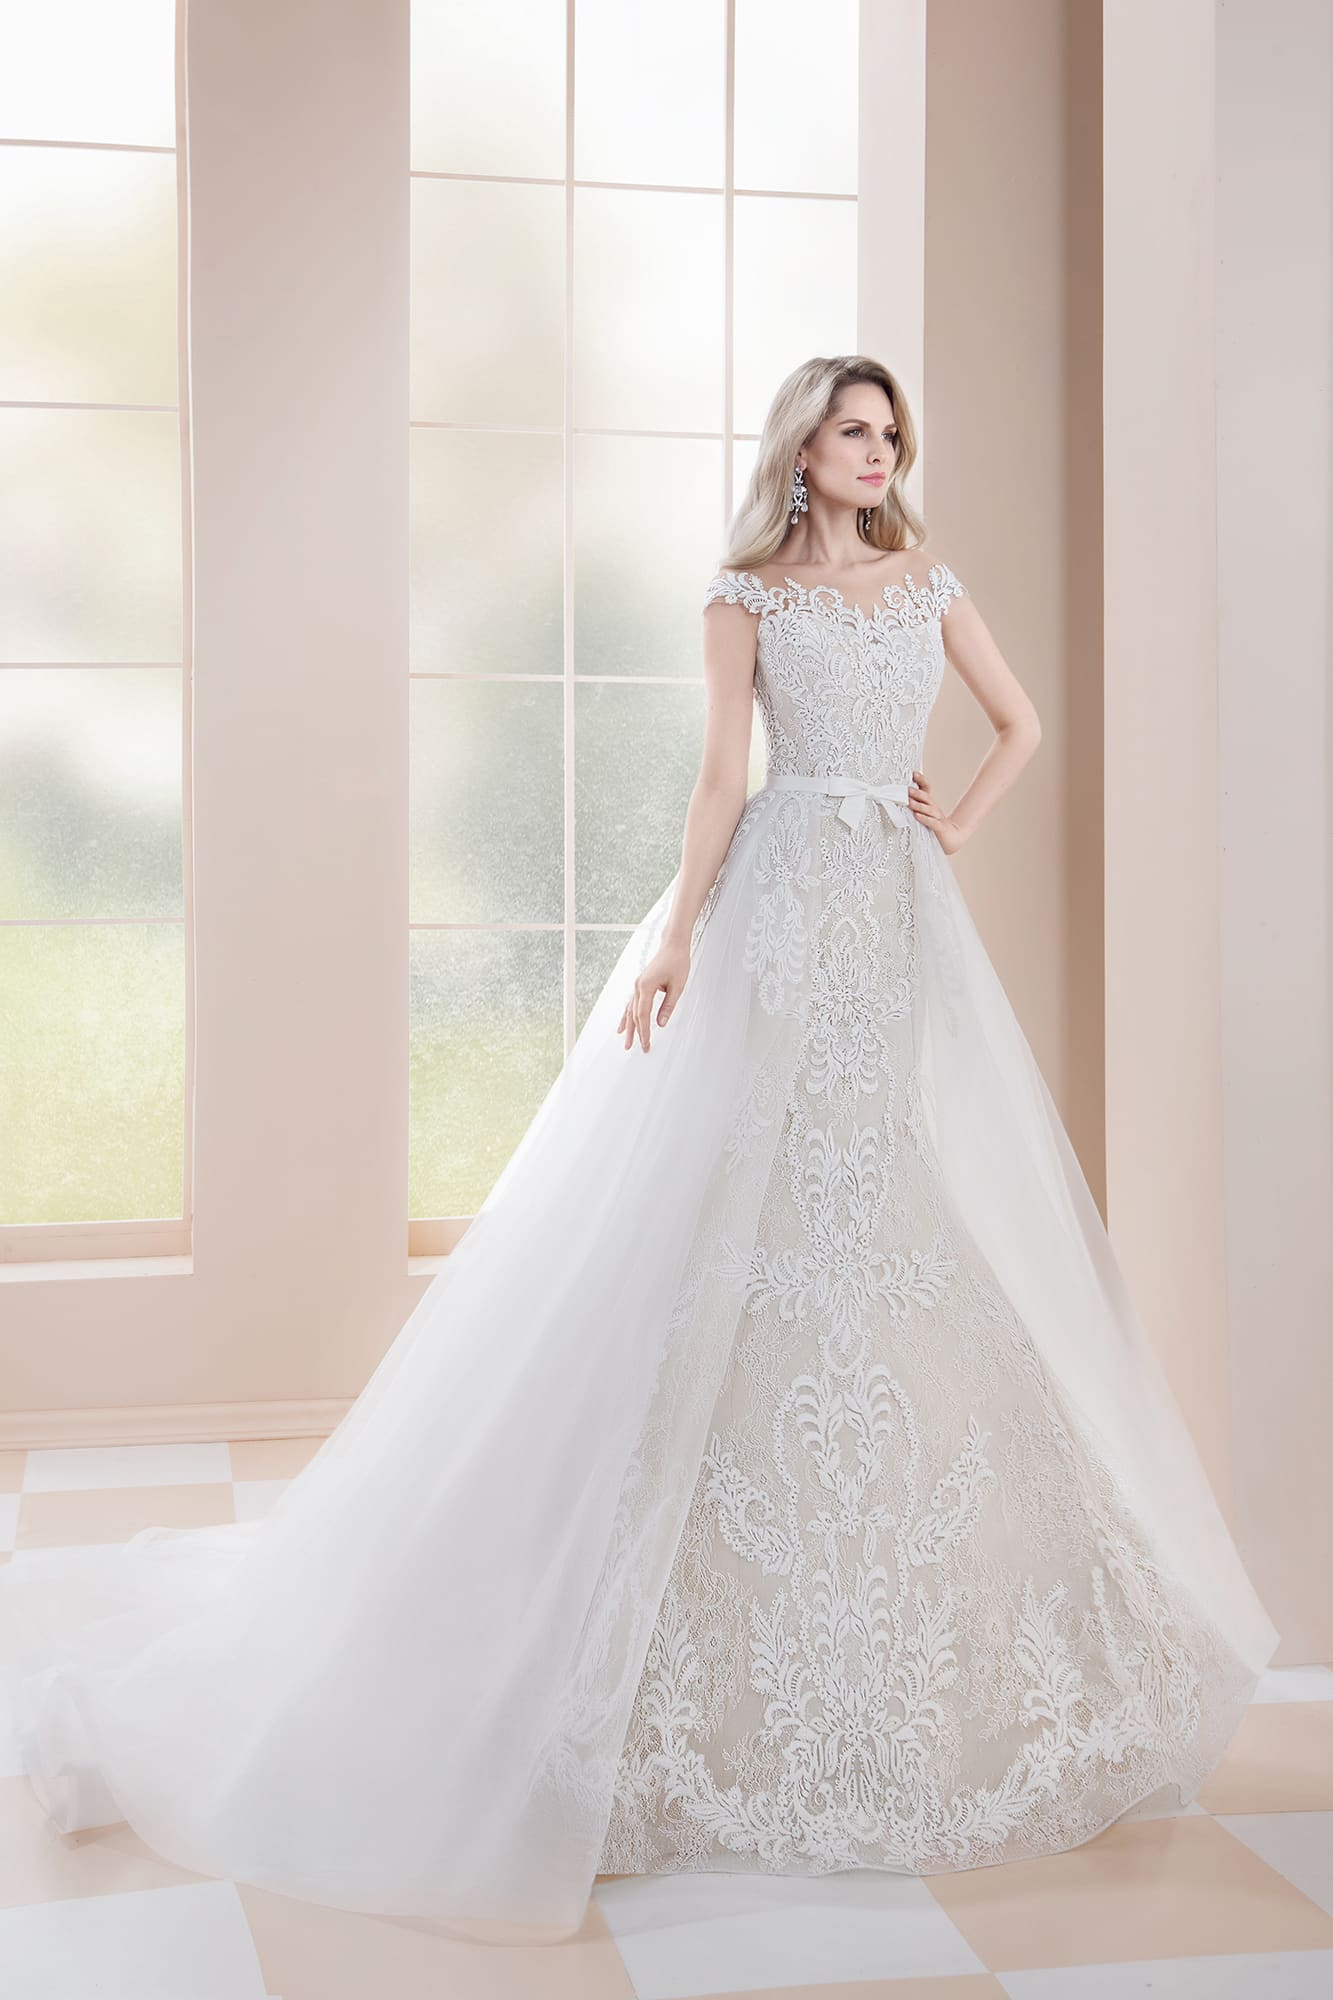 bd55a76c81f Платье-трансформер со съемным шлейфом Farletta Vega ▷ Свадебный ...